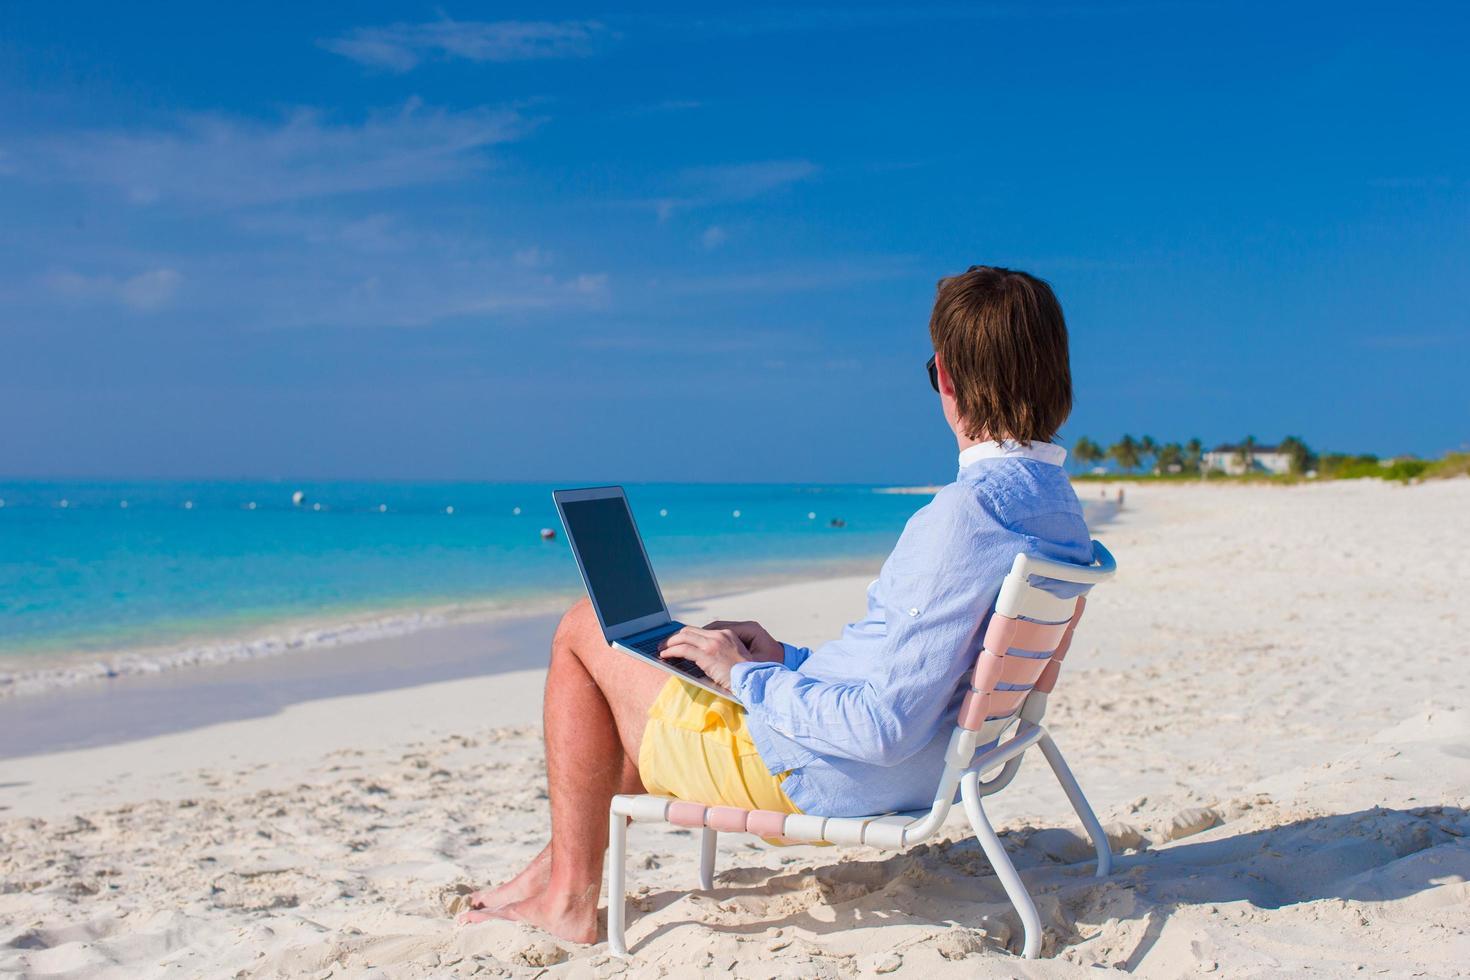 Mann mit einem Laptop an einem tropischen Strand foto